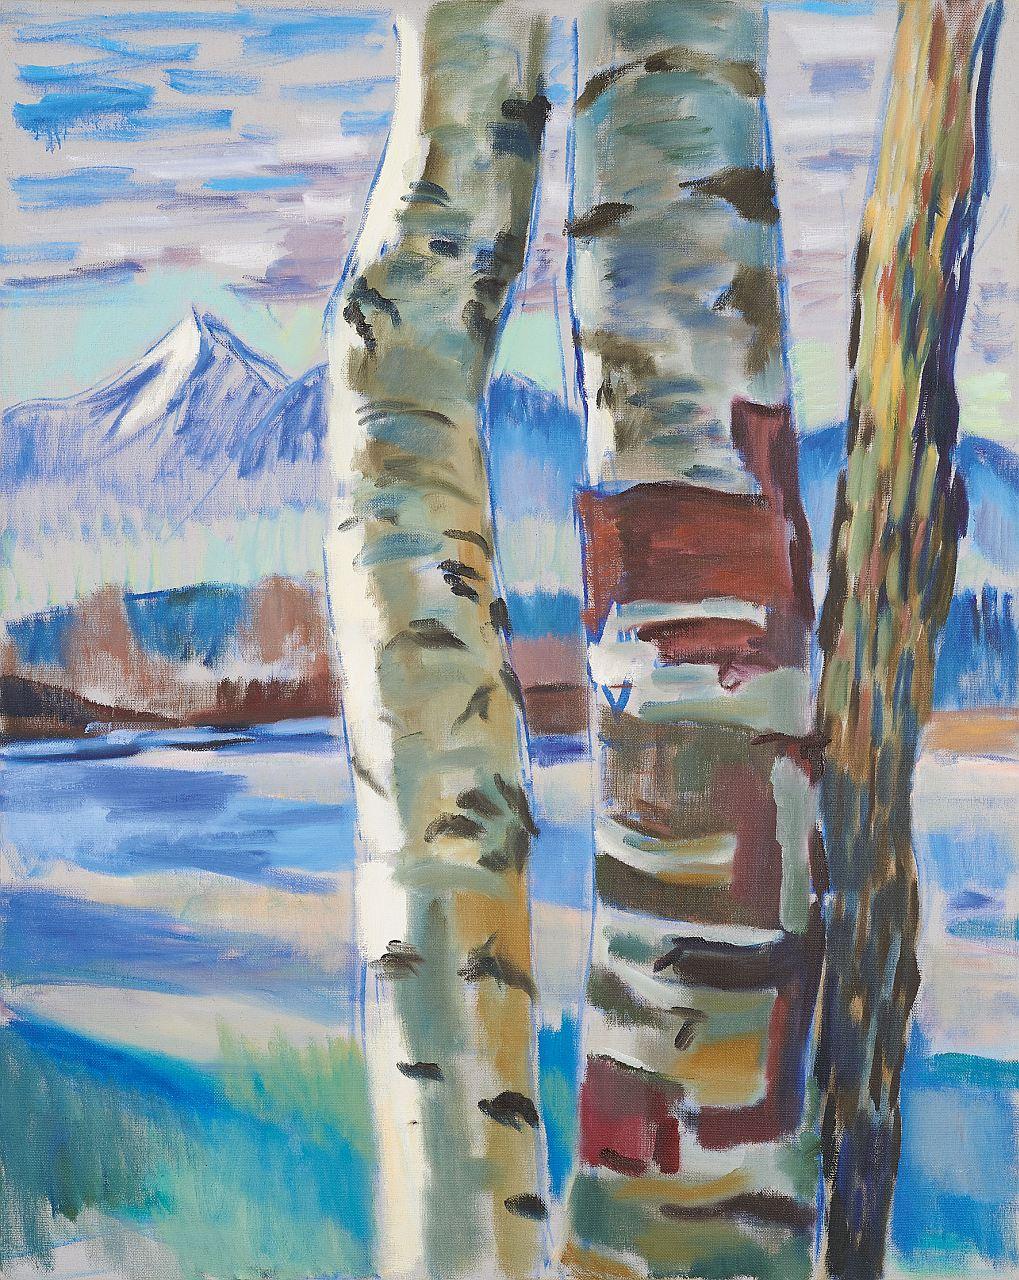 Harald Scheicher, Bäume und Obir, 2020, Öl auf Leinwand, 100x80cm, rückseitig signiert und datiert kleiner